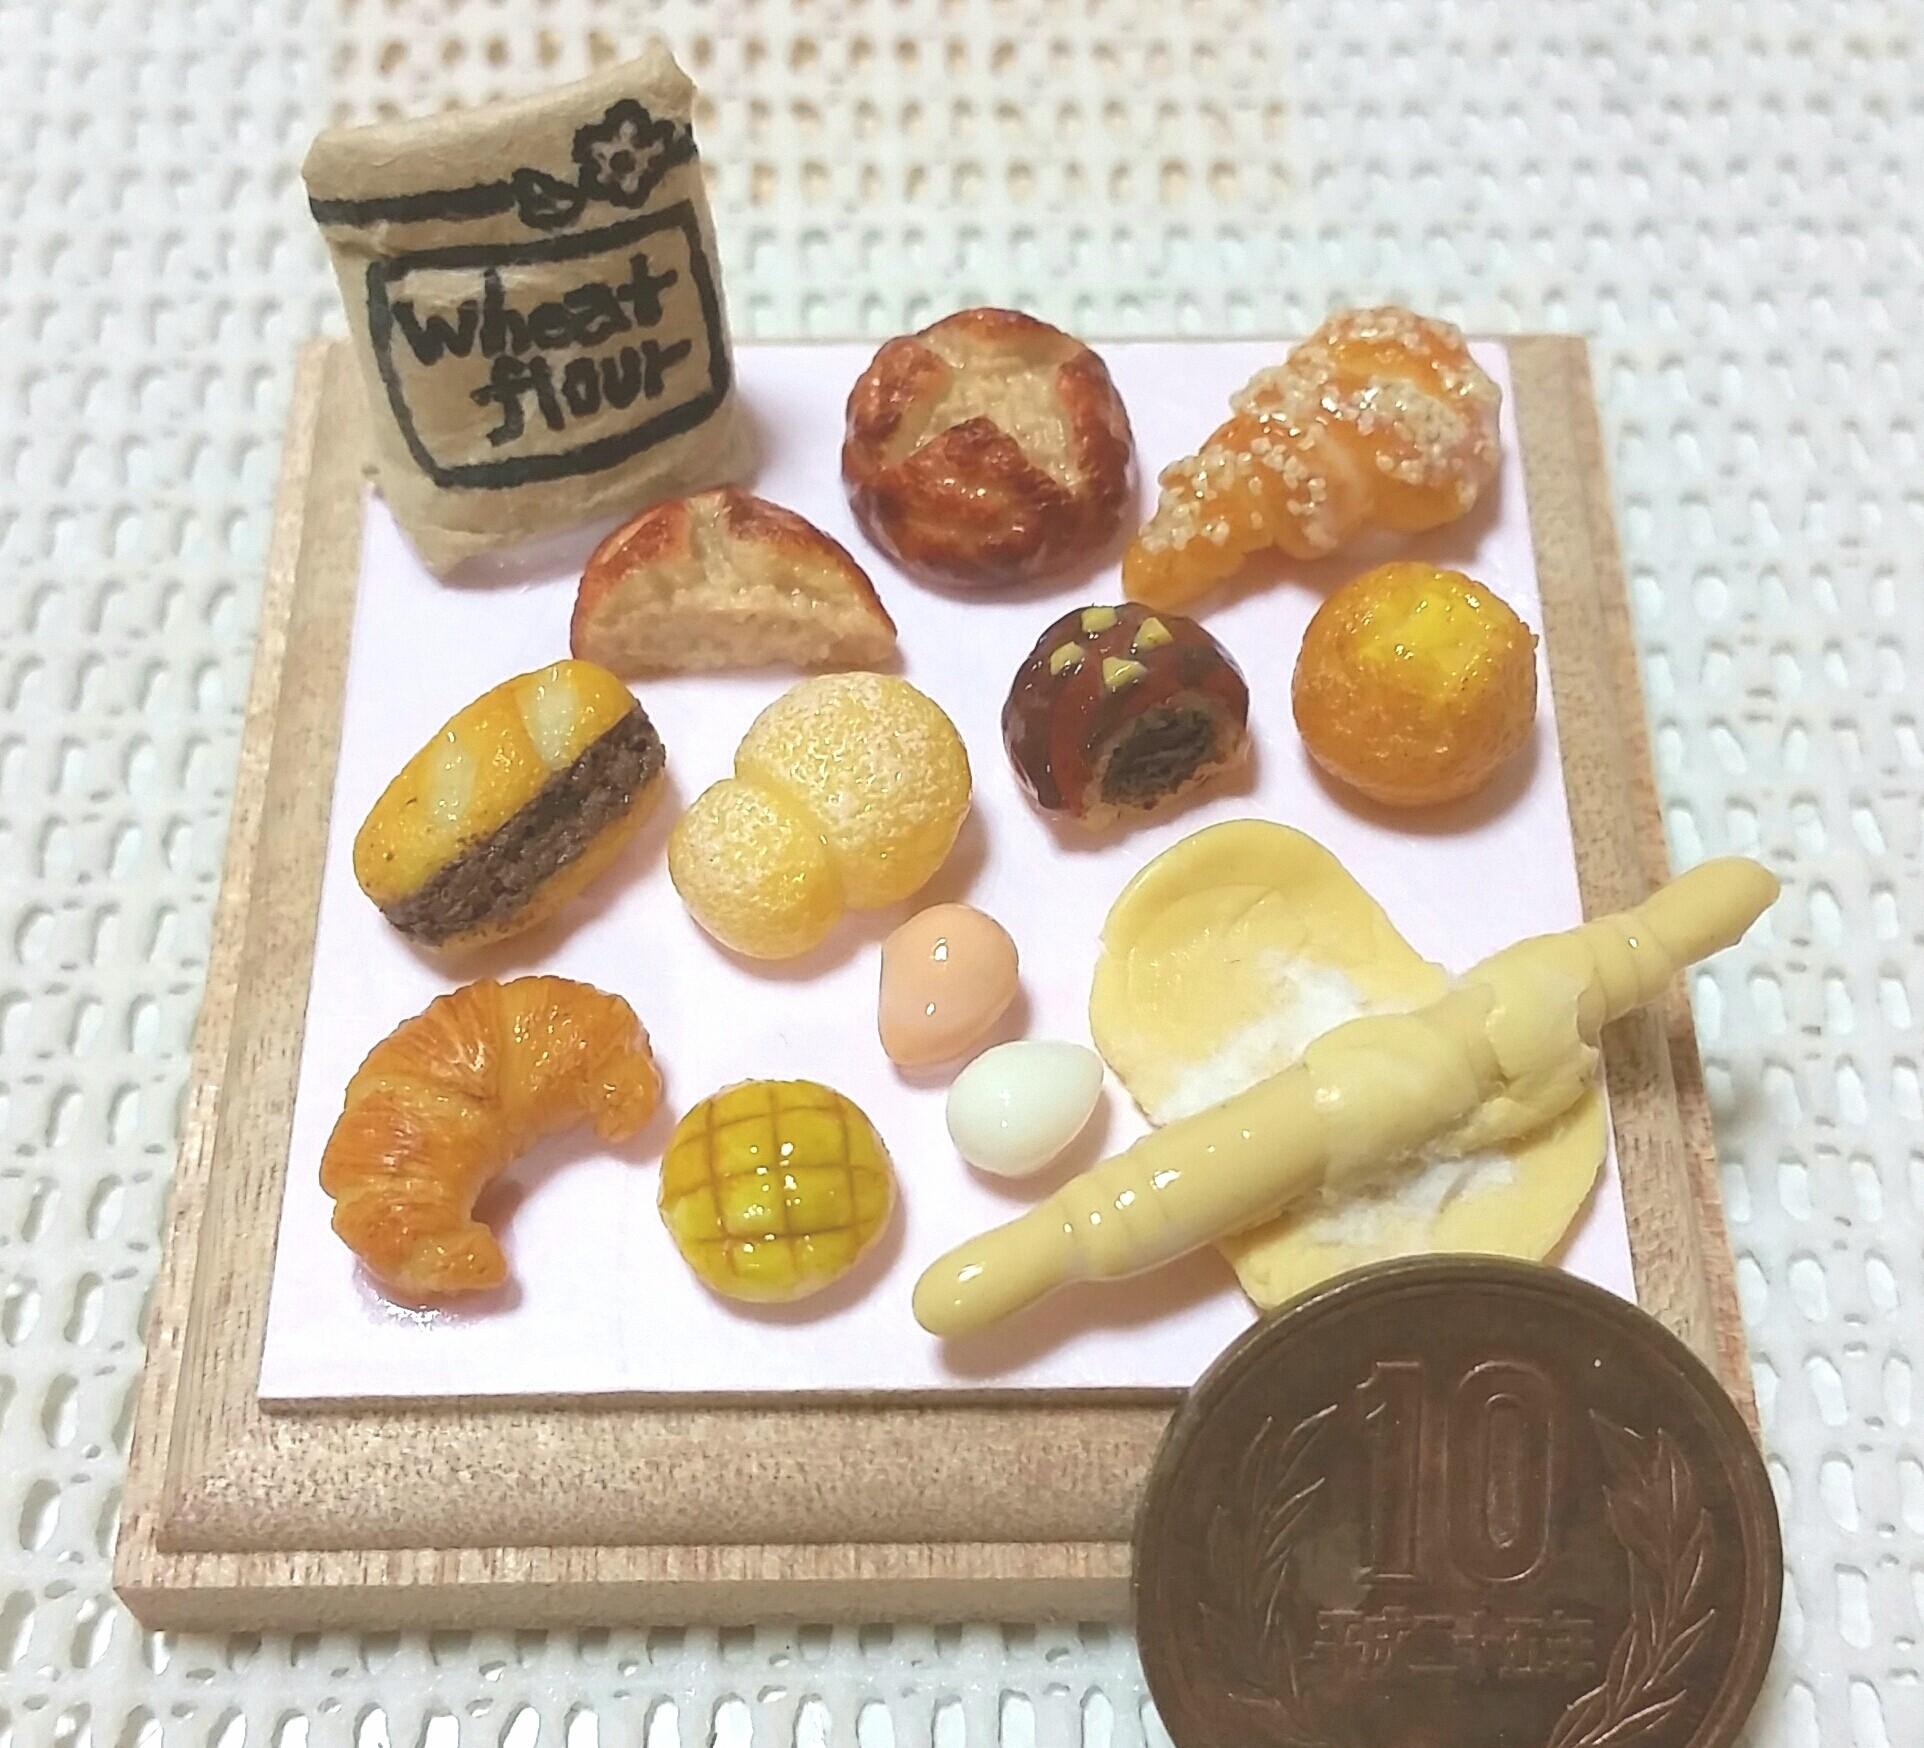 ミニチュアフード,パン,過去作品,食べ物,ハンドメイド,よもぎブログ